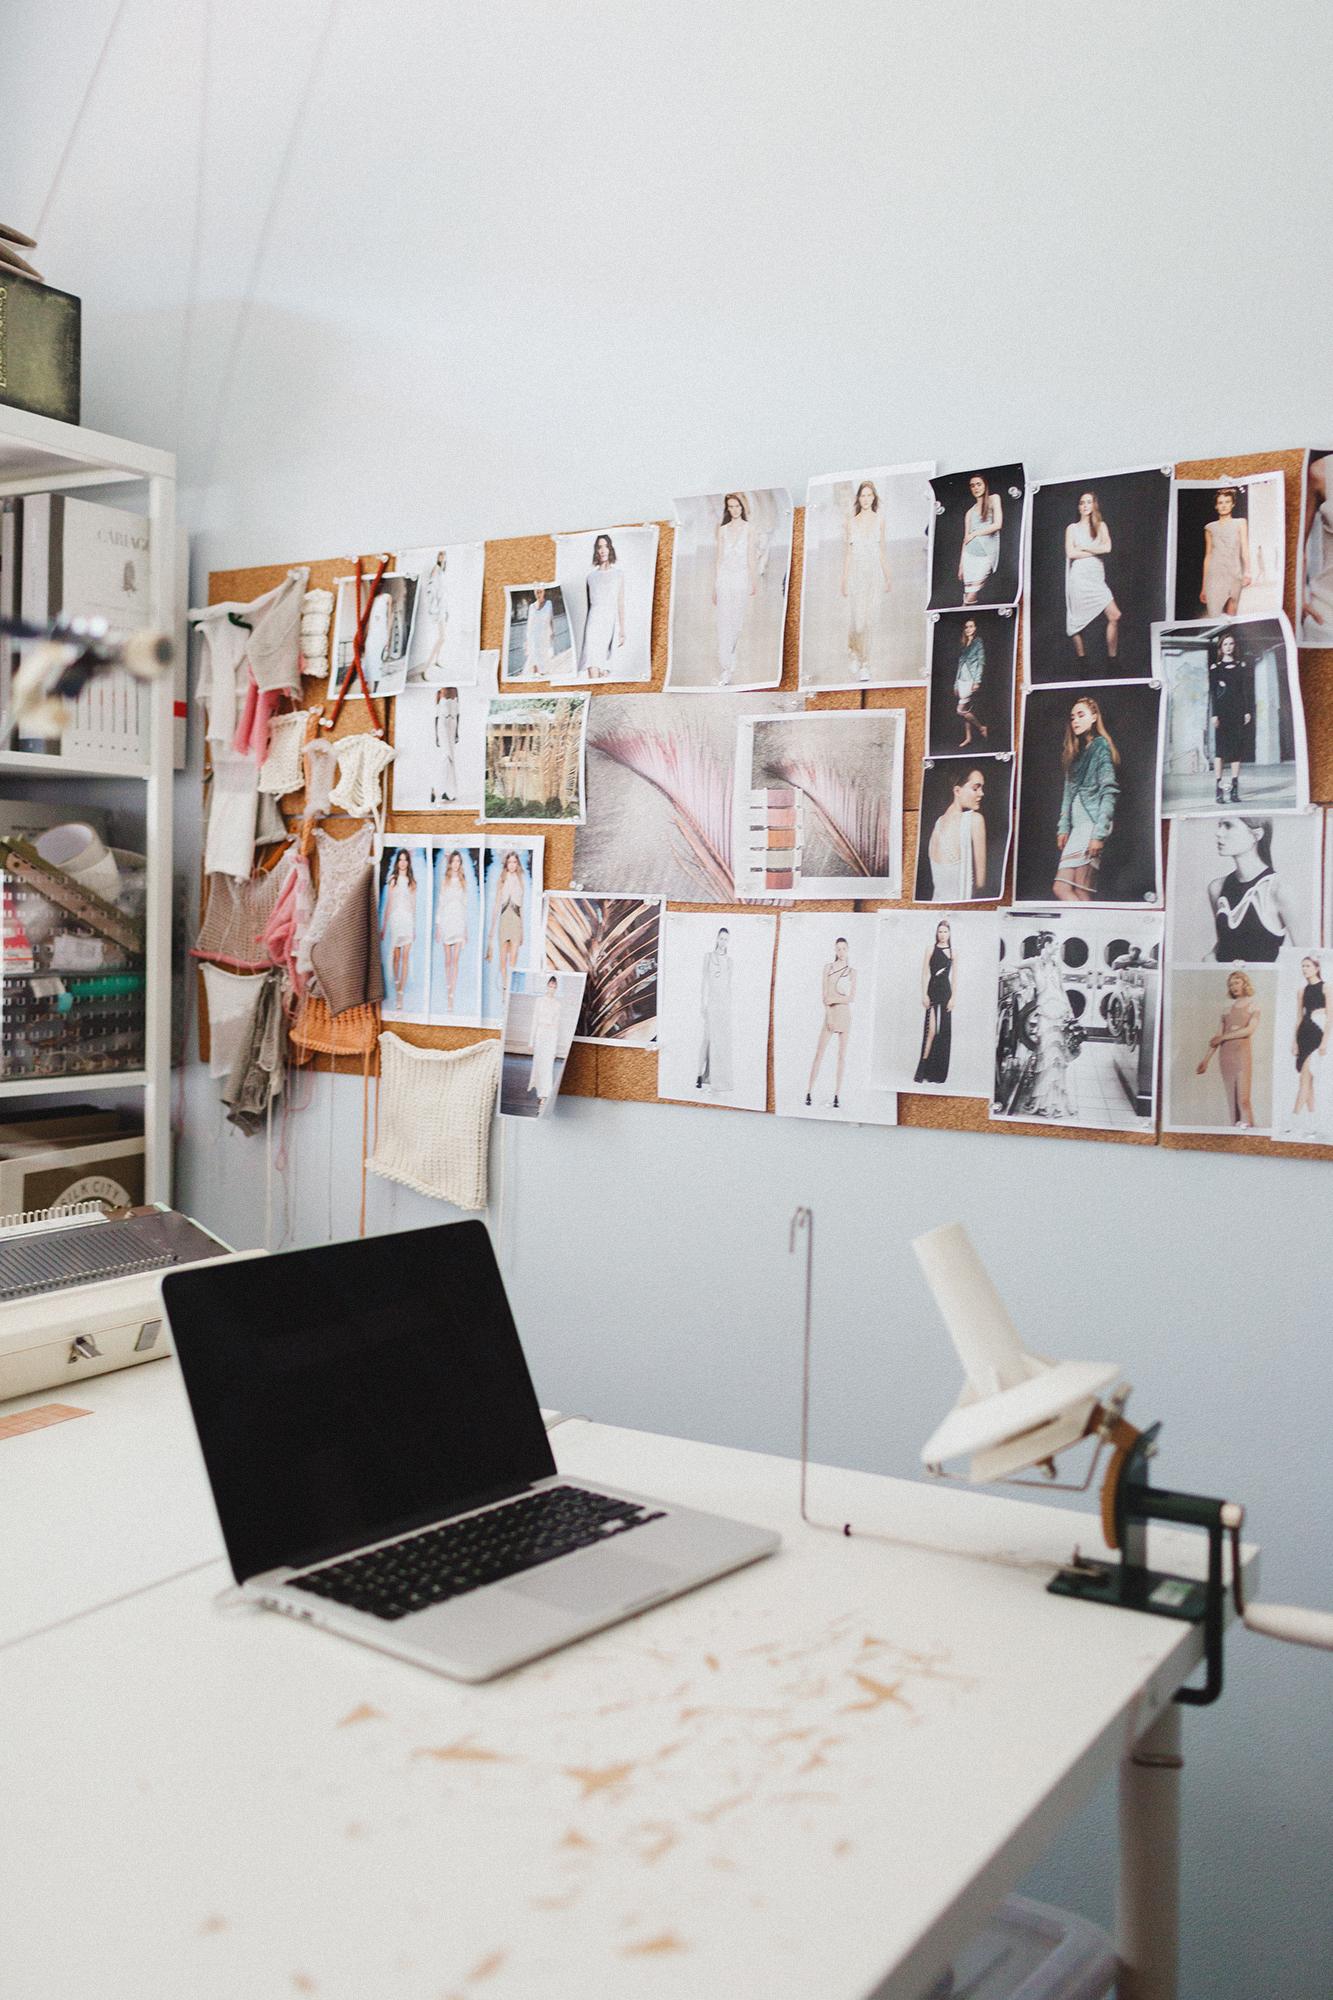 Aisling Camps Studio Visit